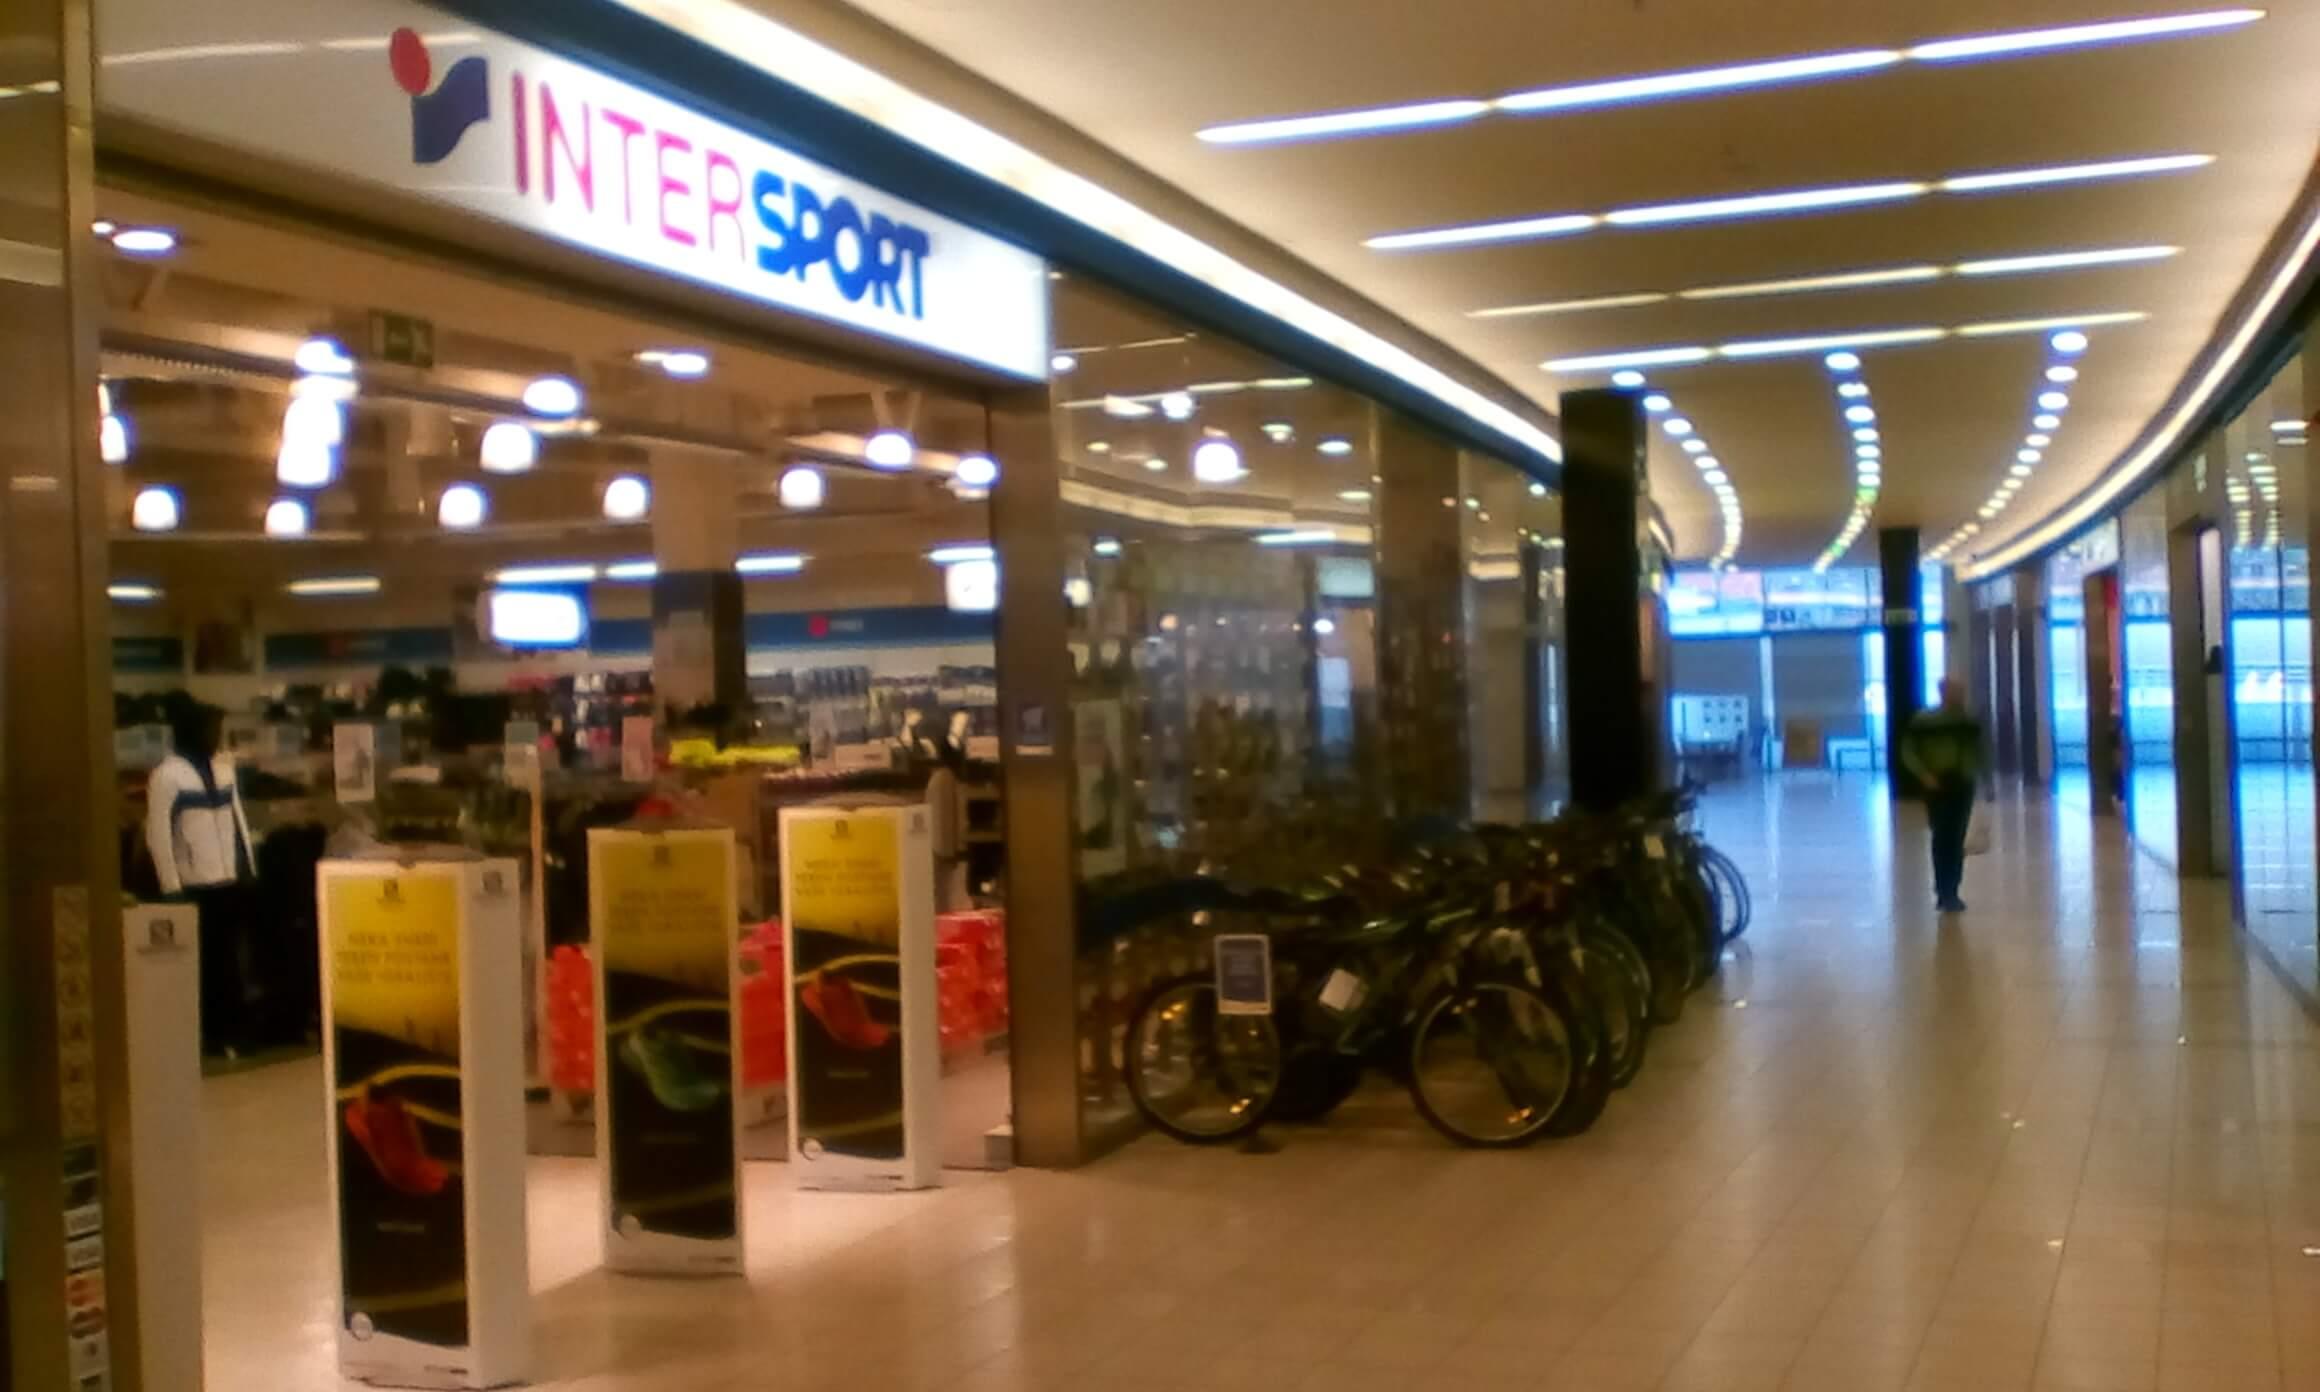 INTERSPORT Novi Sad 1